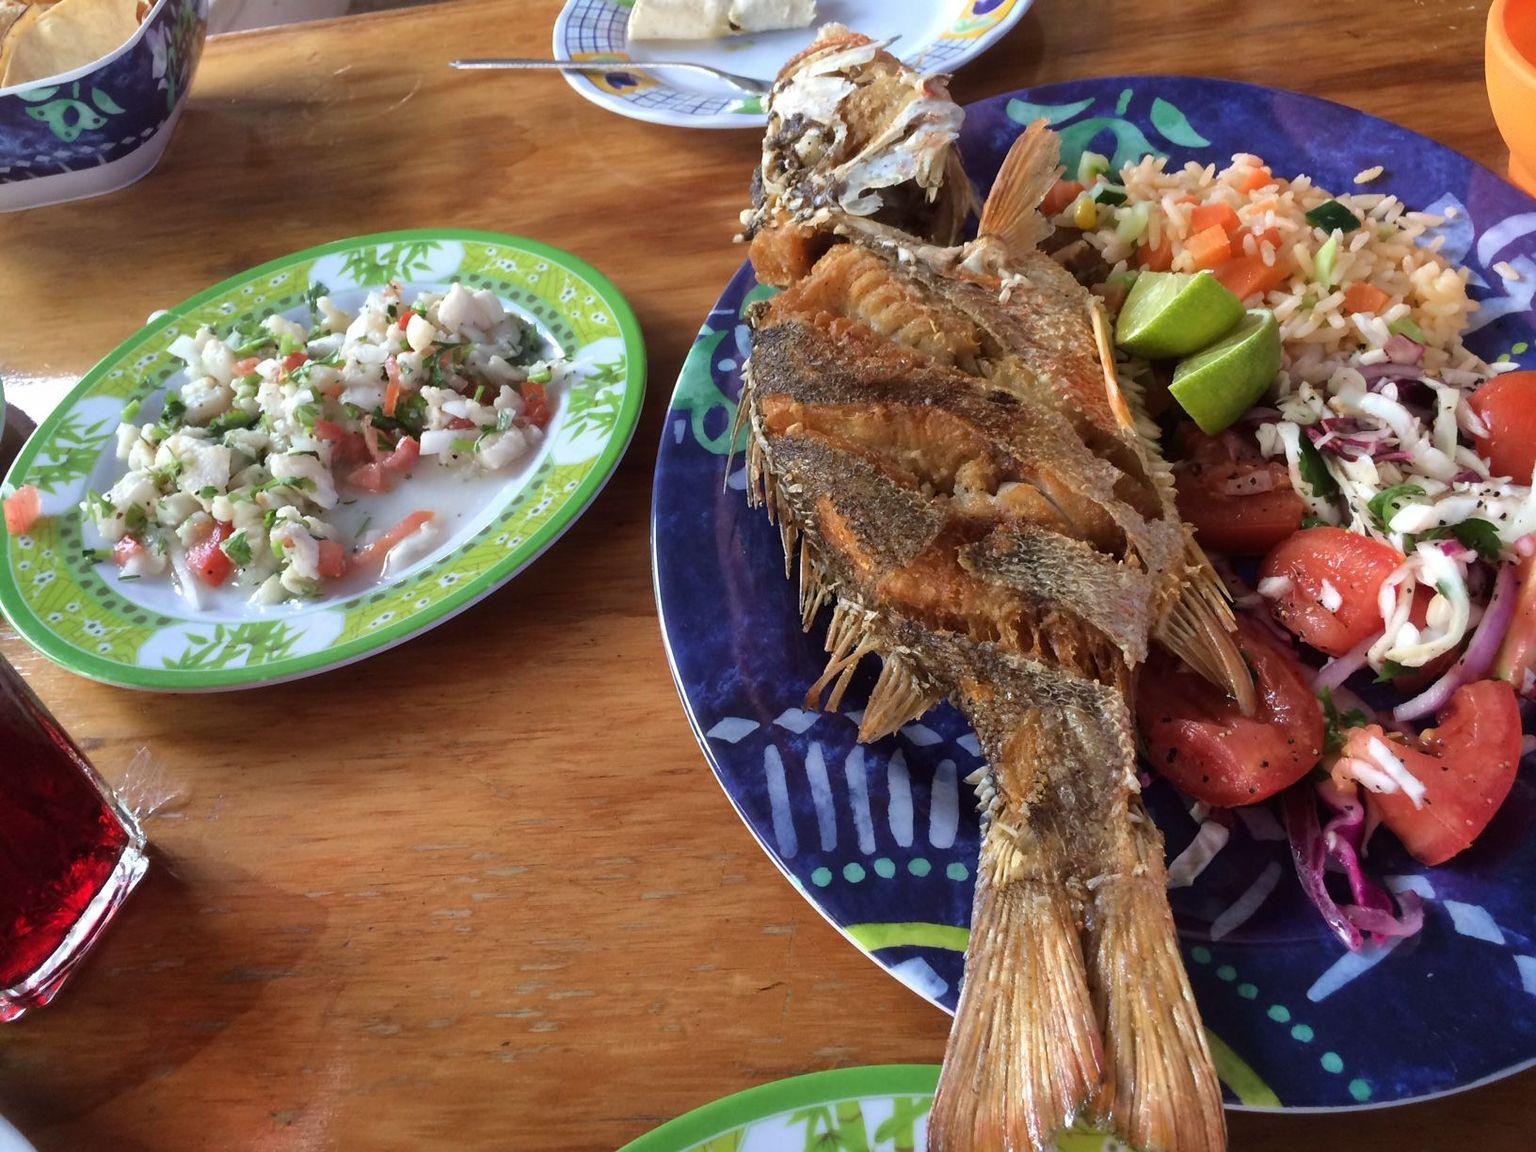 MÁS FOTOS, Recorrido gastronómico por Cozumel